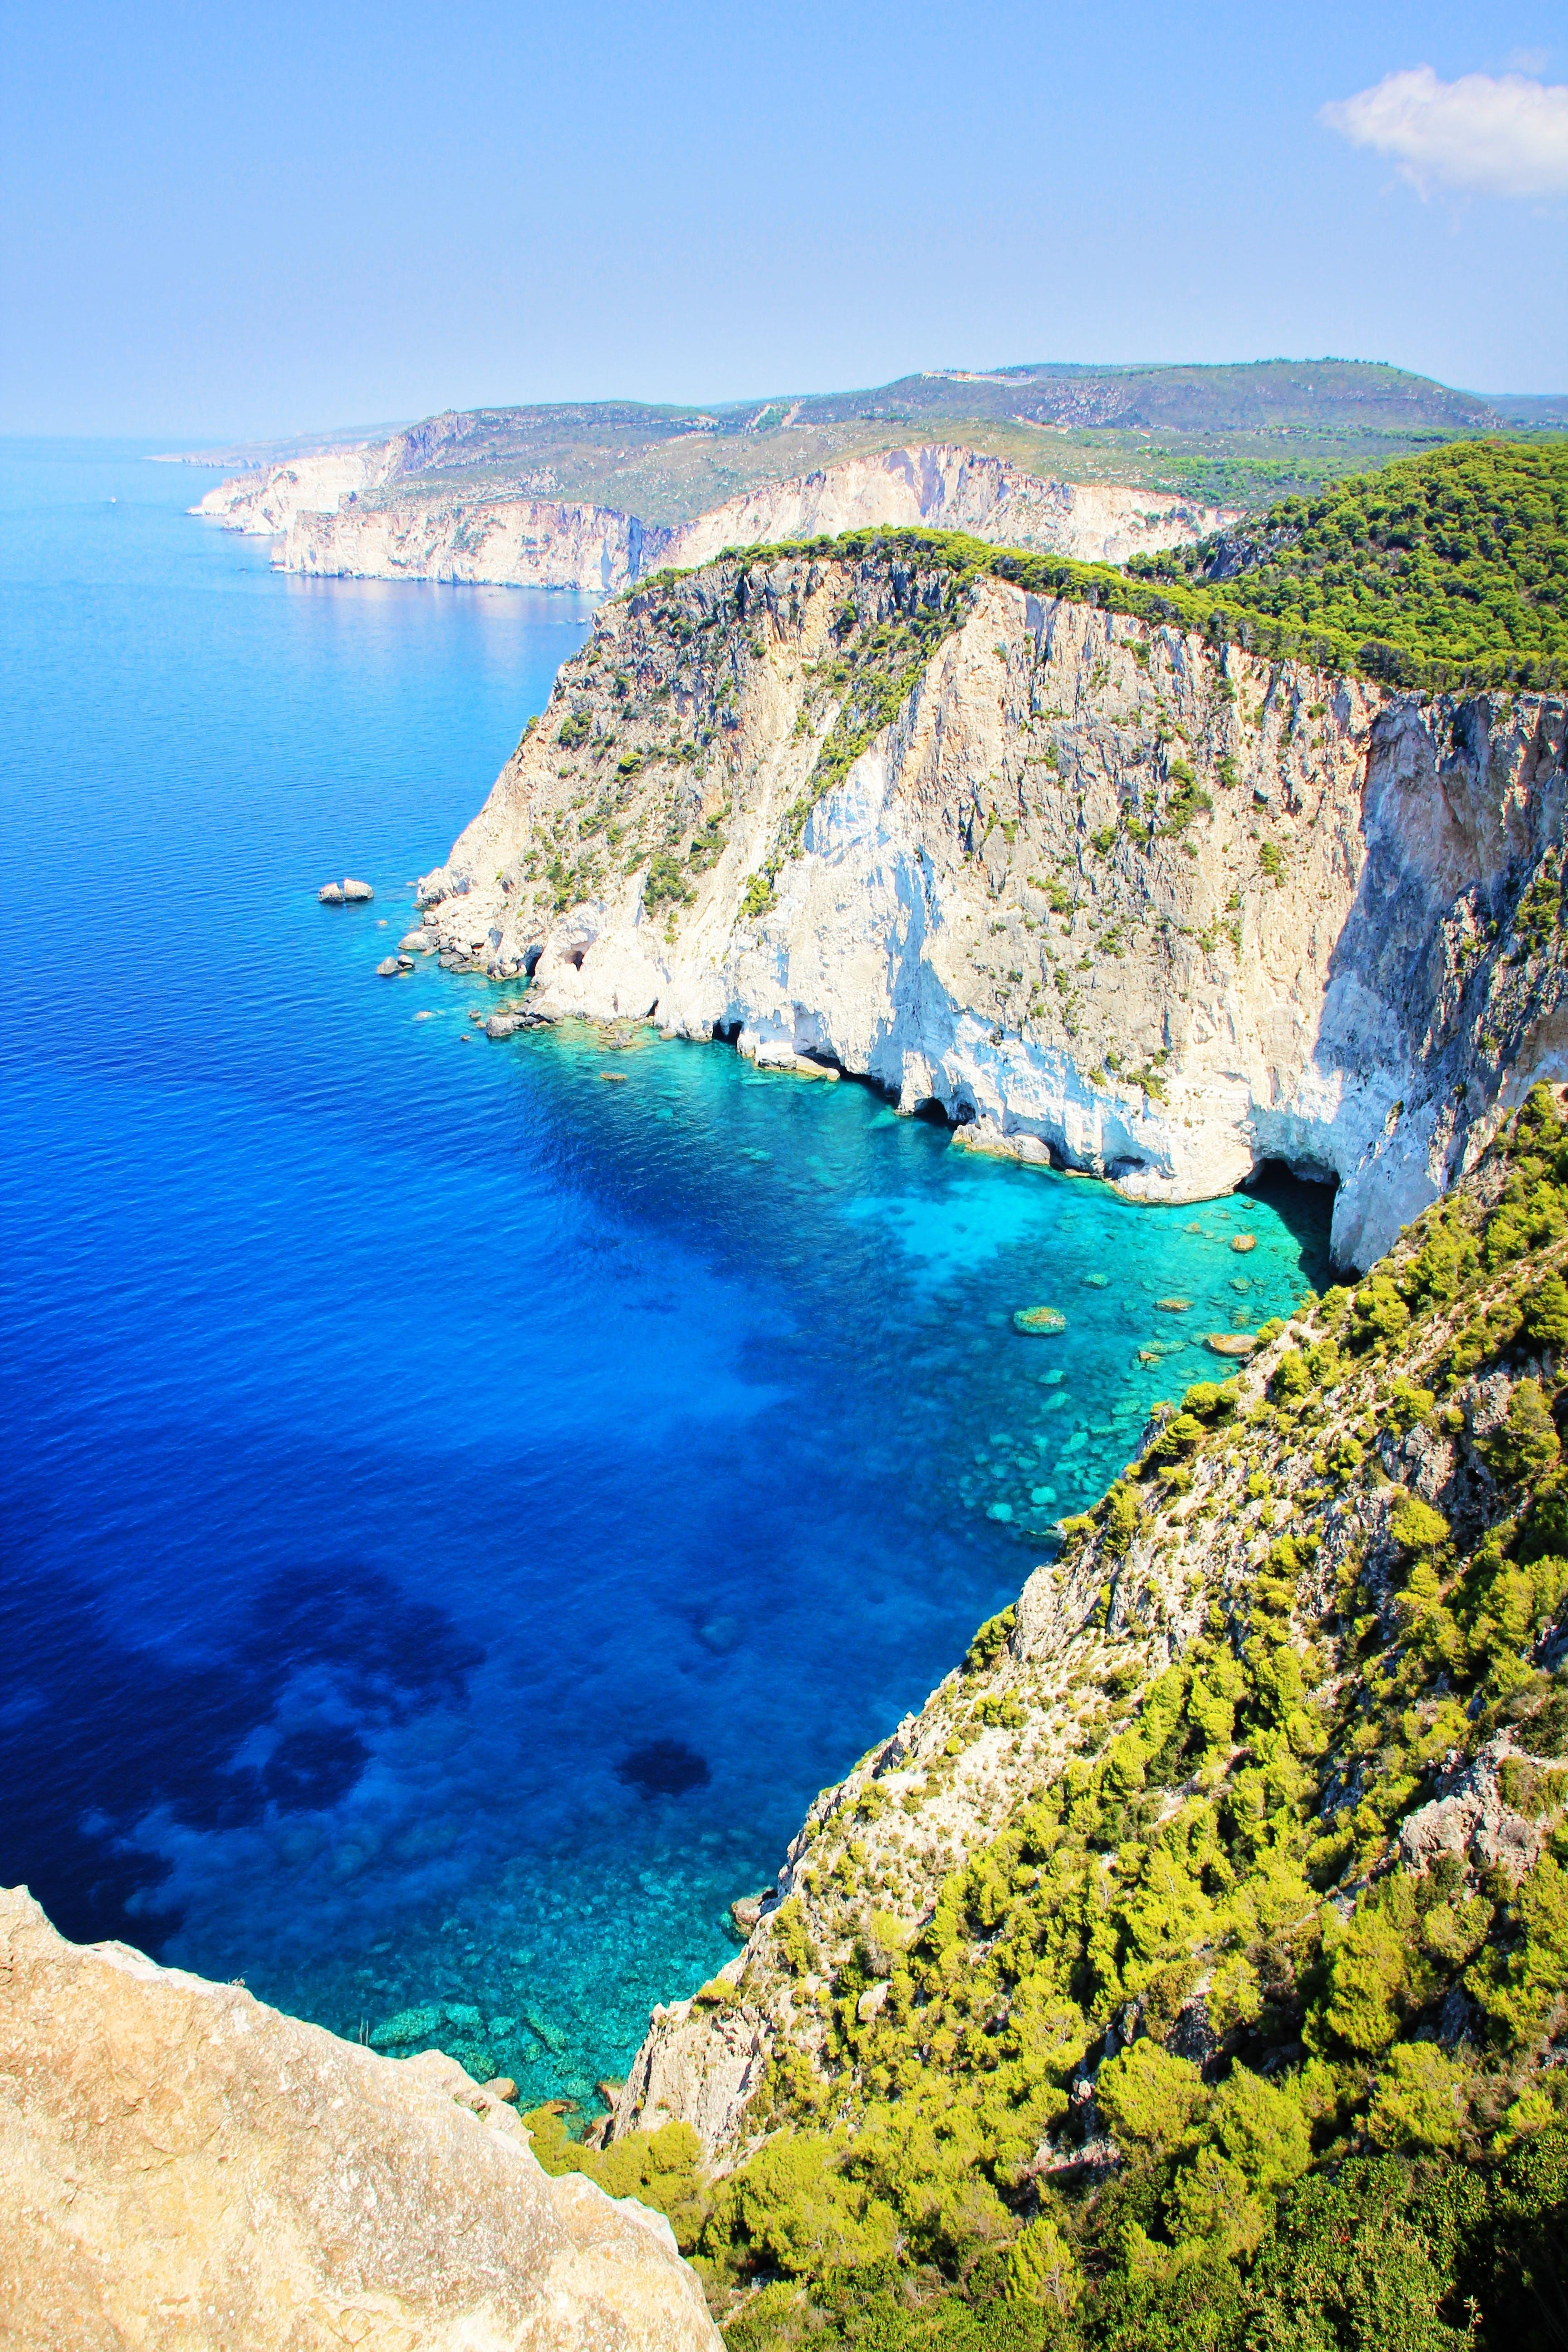 Gratis lagerfoto af hav, havudsigt, klippefyldt, kyst